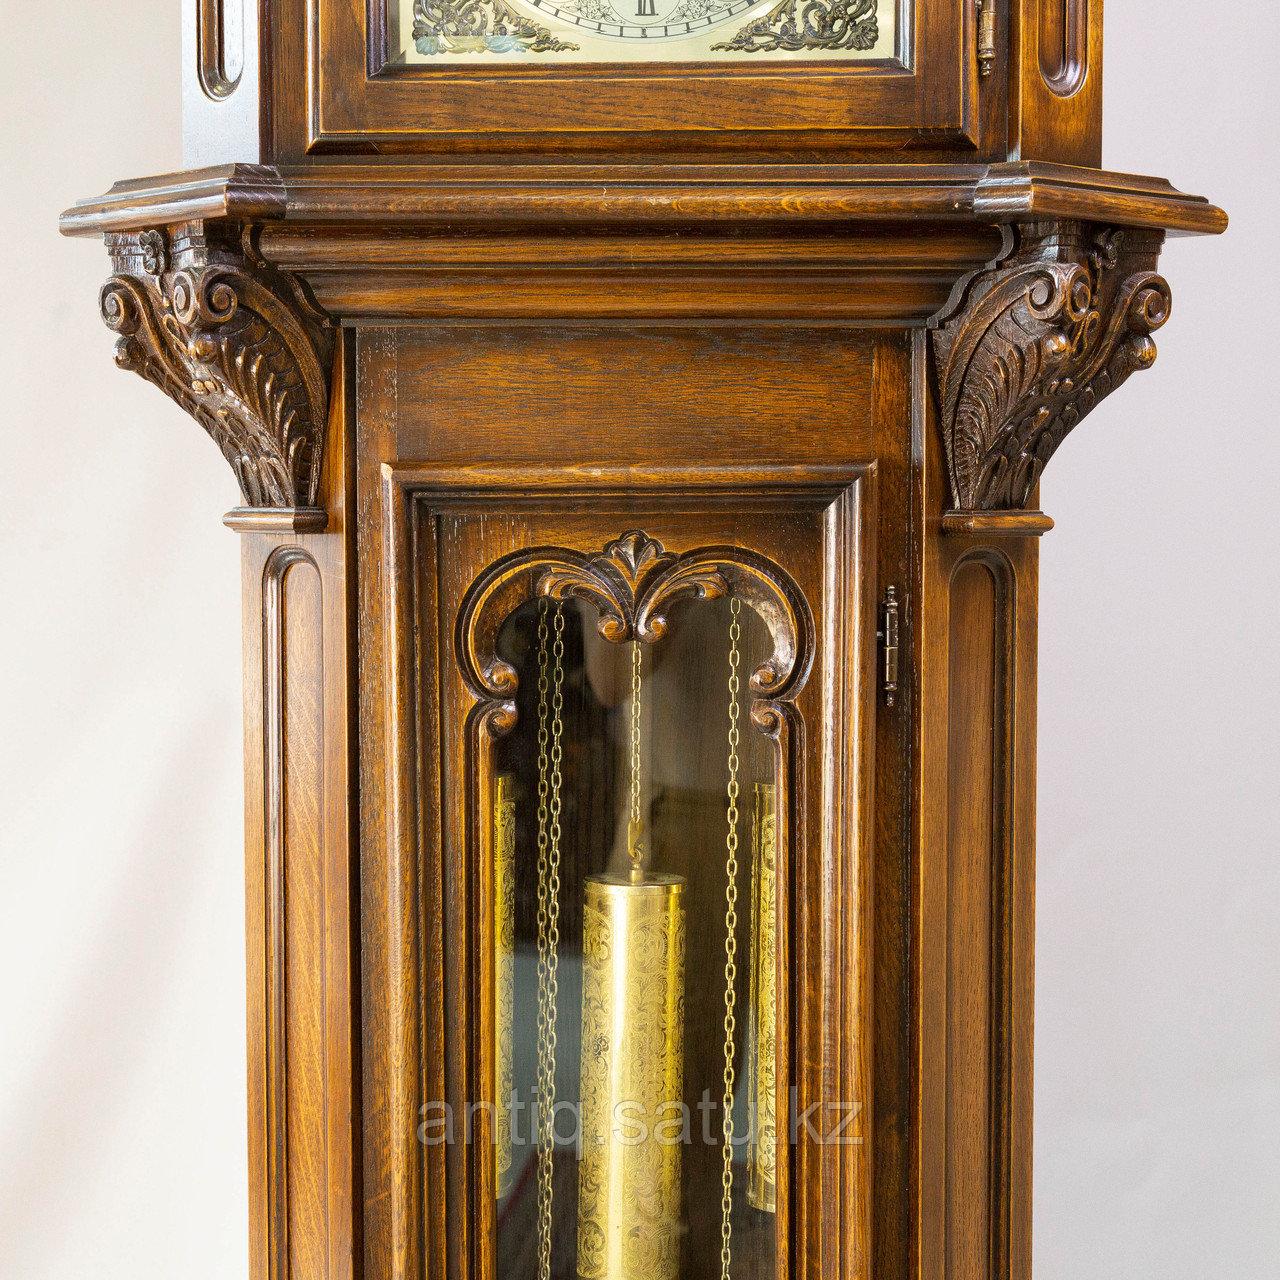 Напольные часы URGOS Германия - фото 6